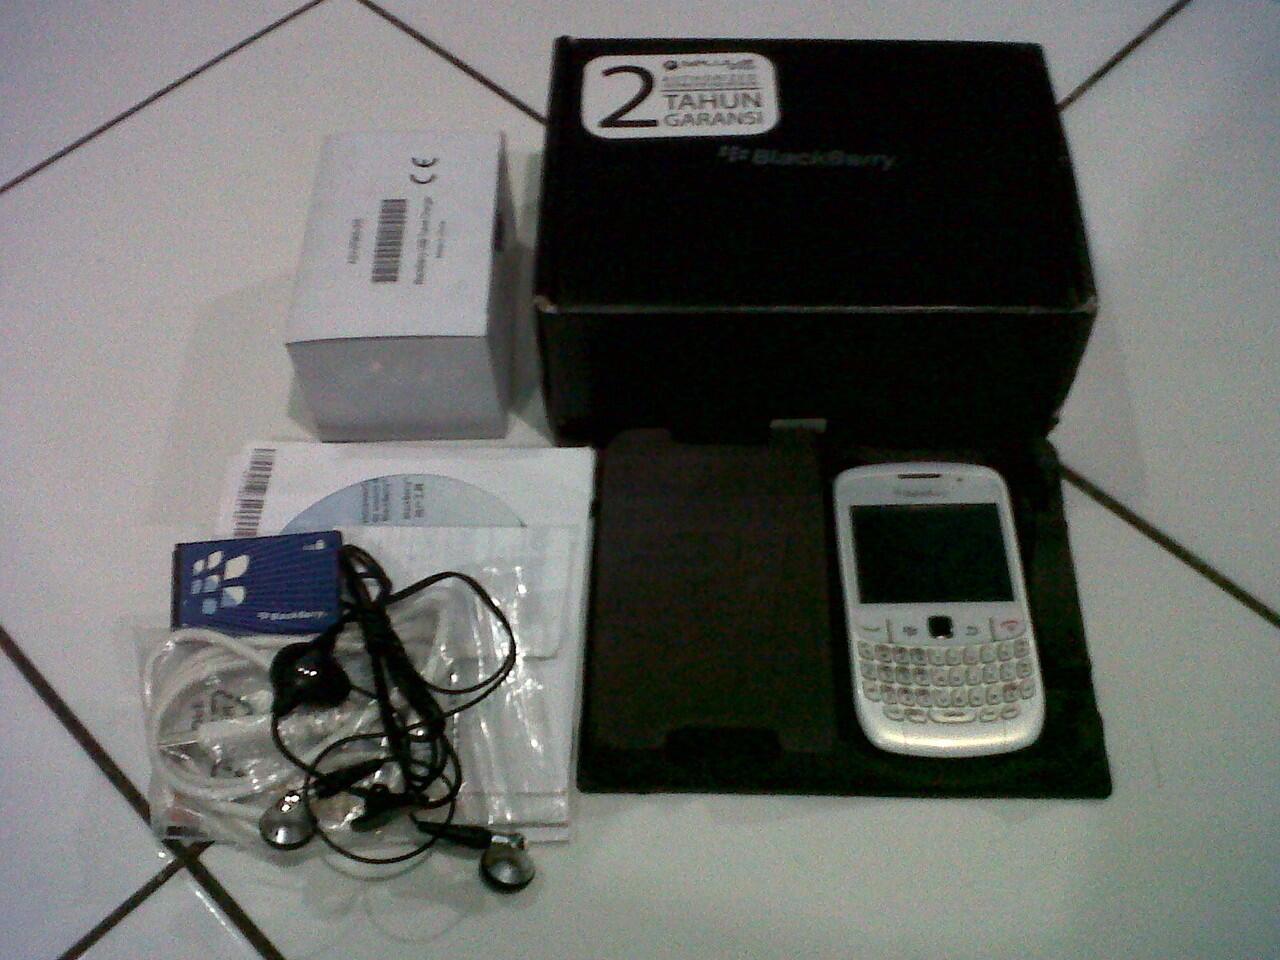 blackberry 8520 gemini white semarang kudus pati